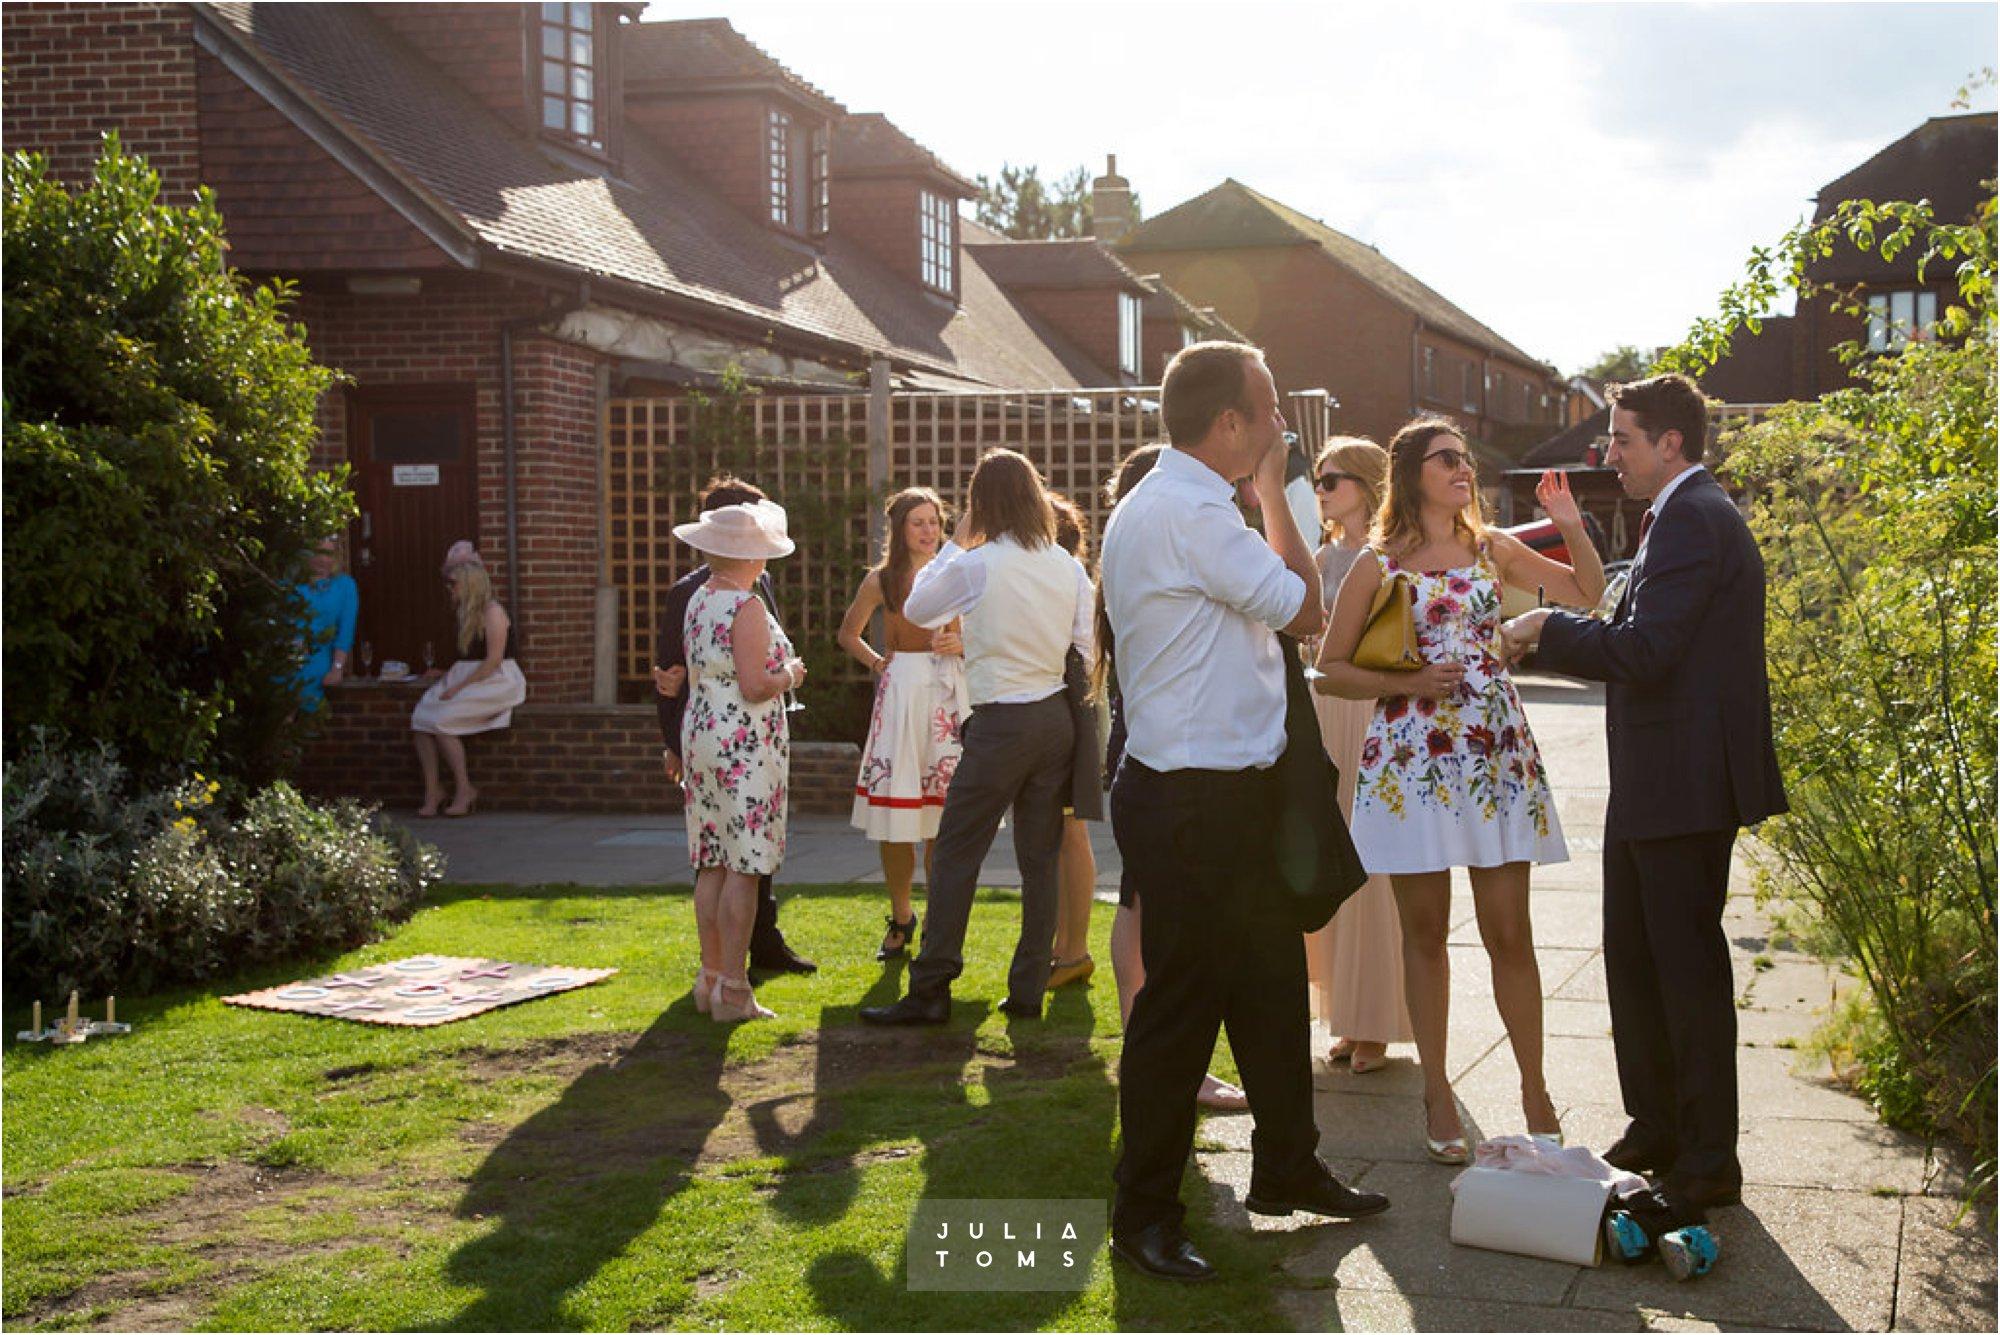 itchenor_wedding_chichester_photographer_061.jpg